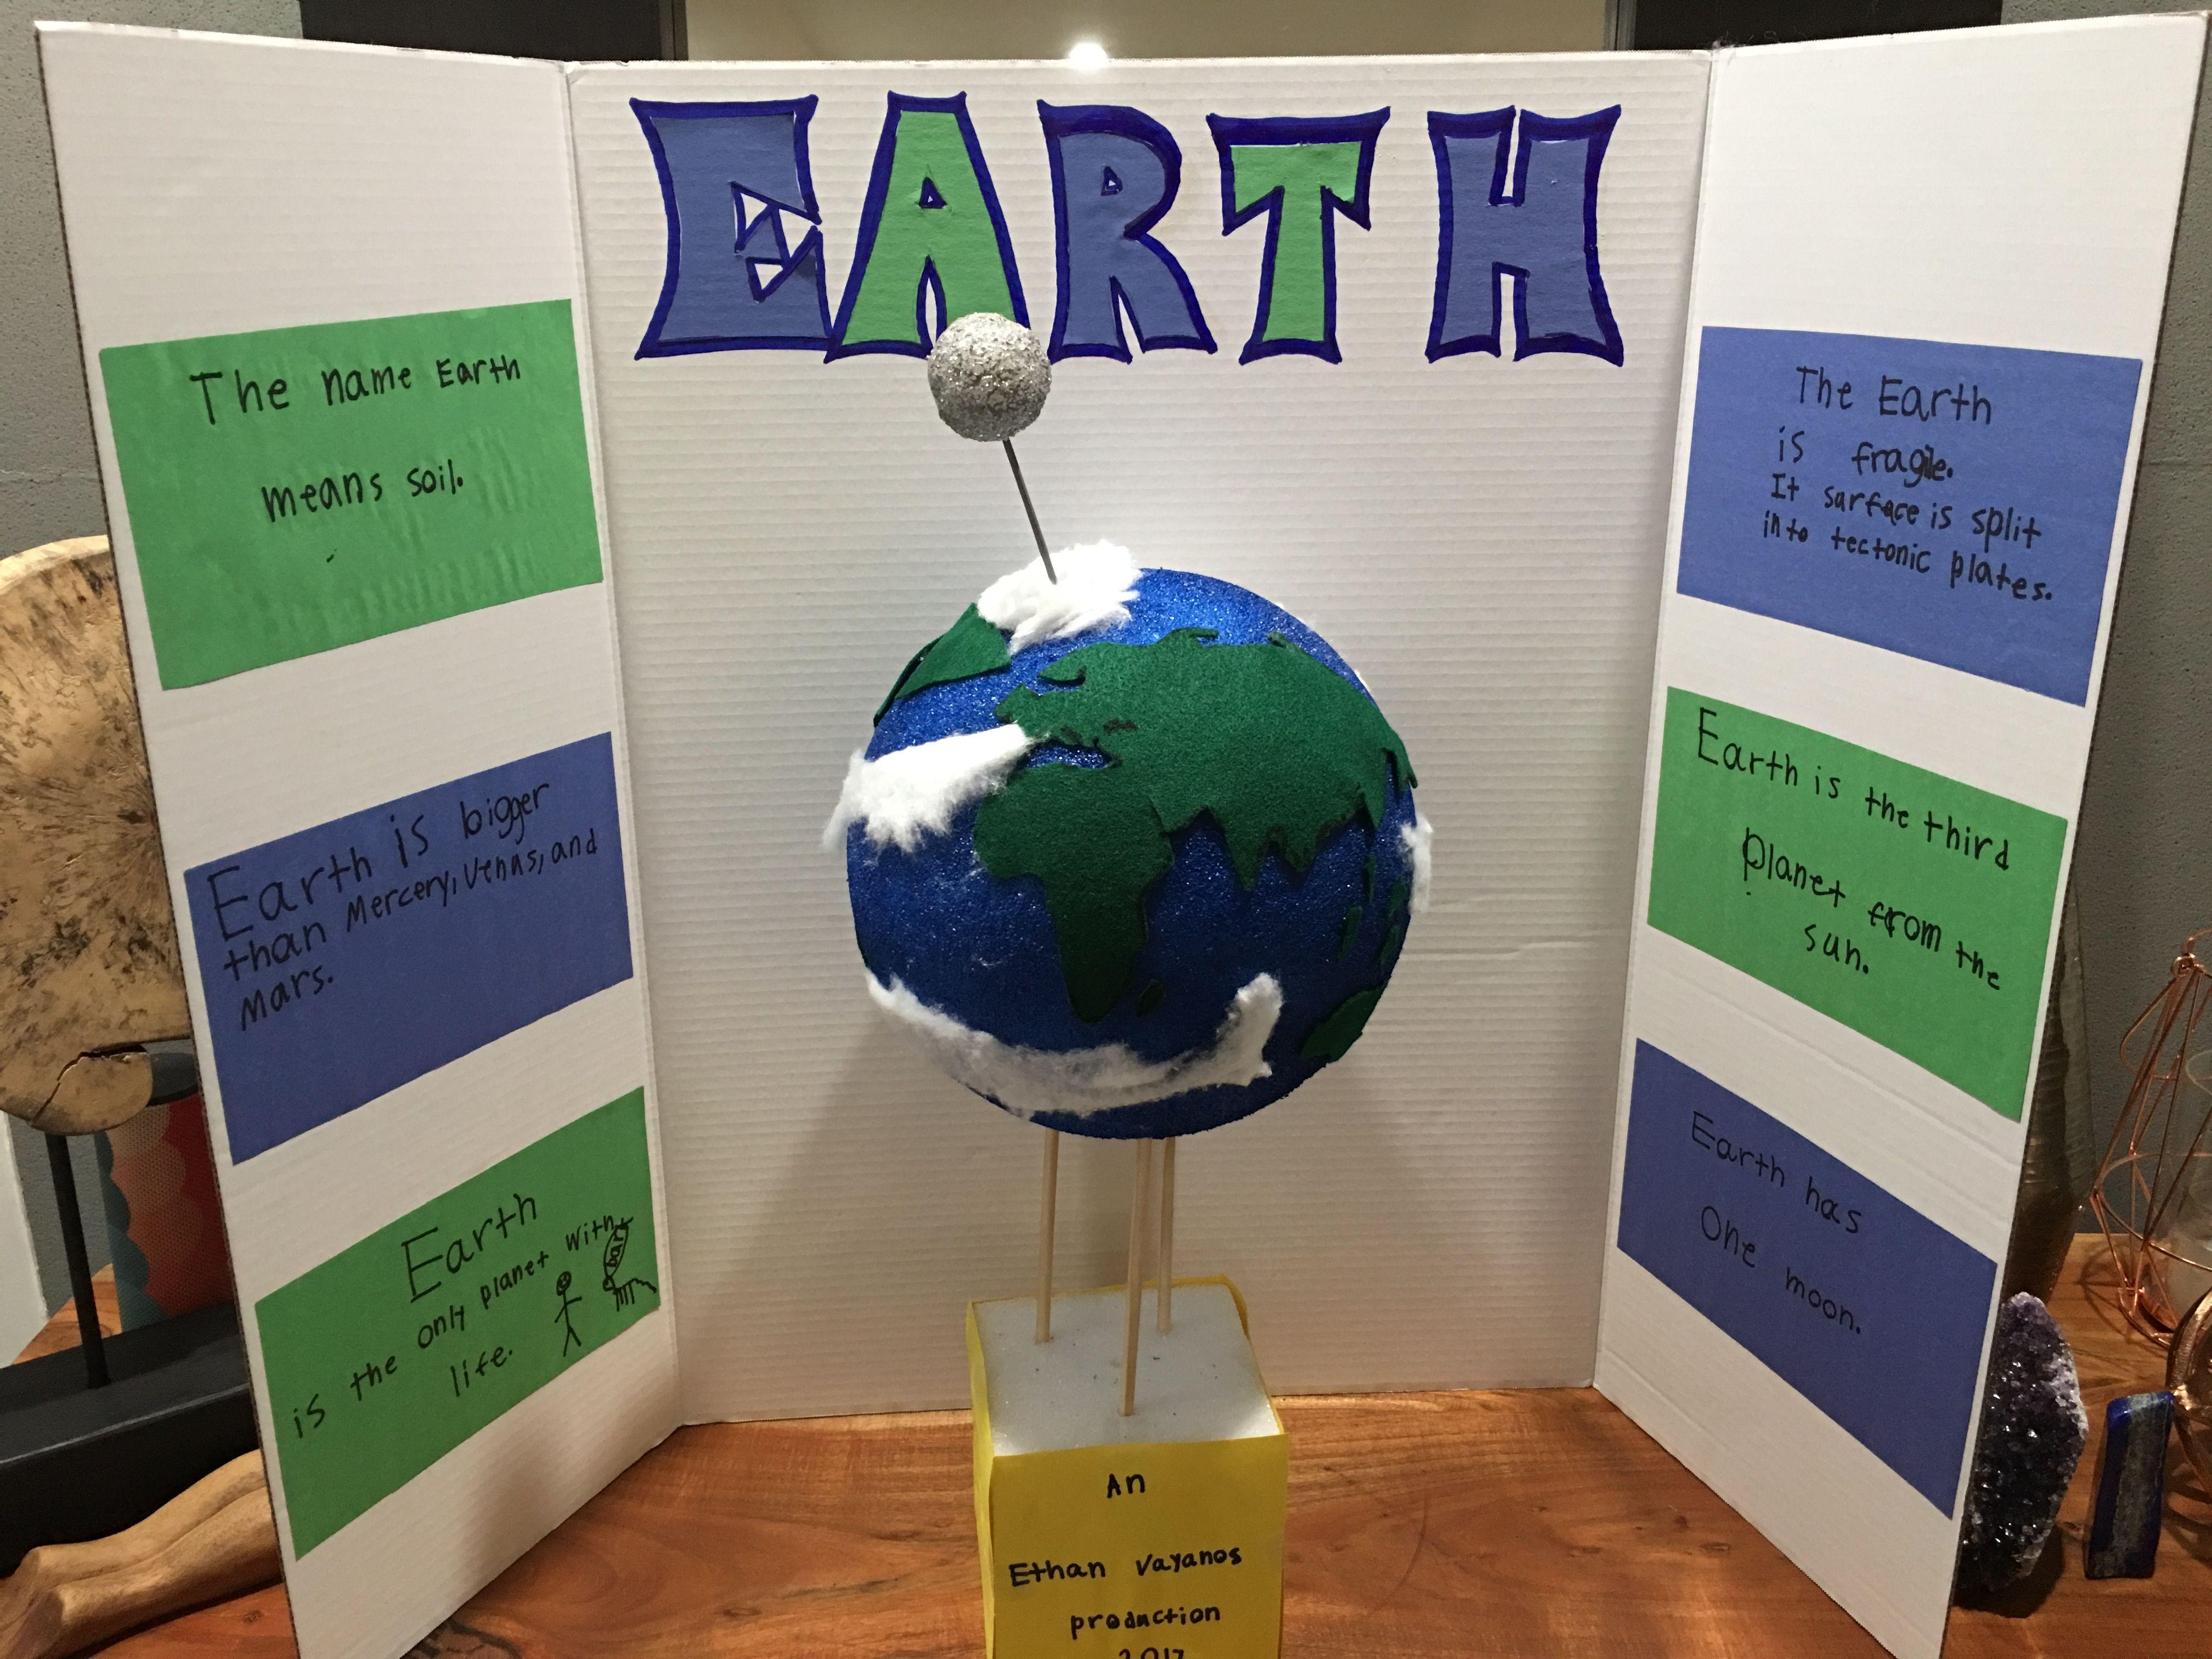 planet earth 1st grade school project [ 4032 x 3024 Pixel ]